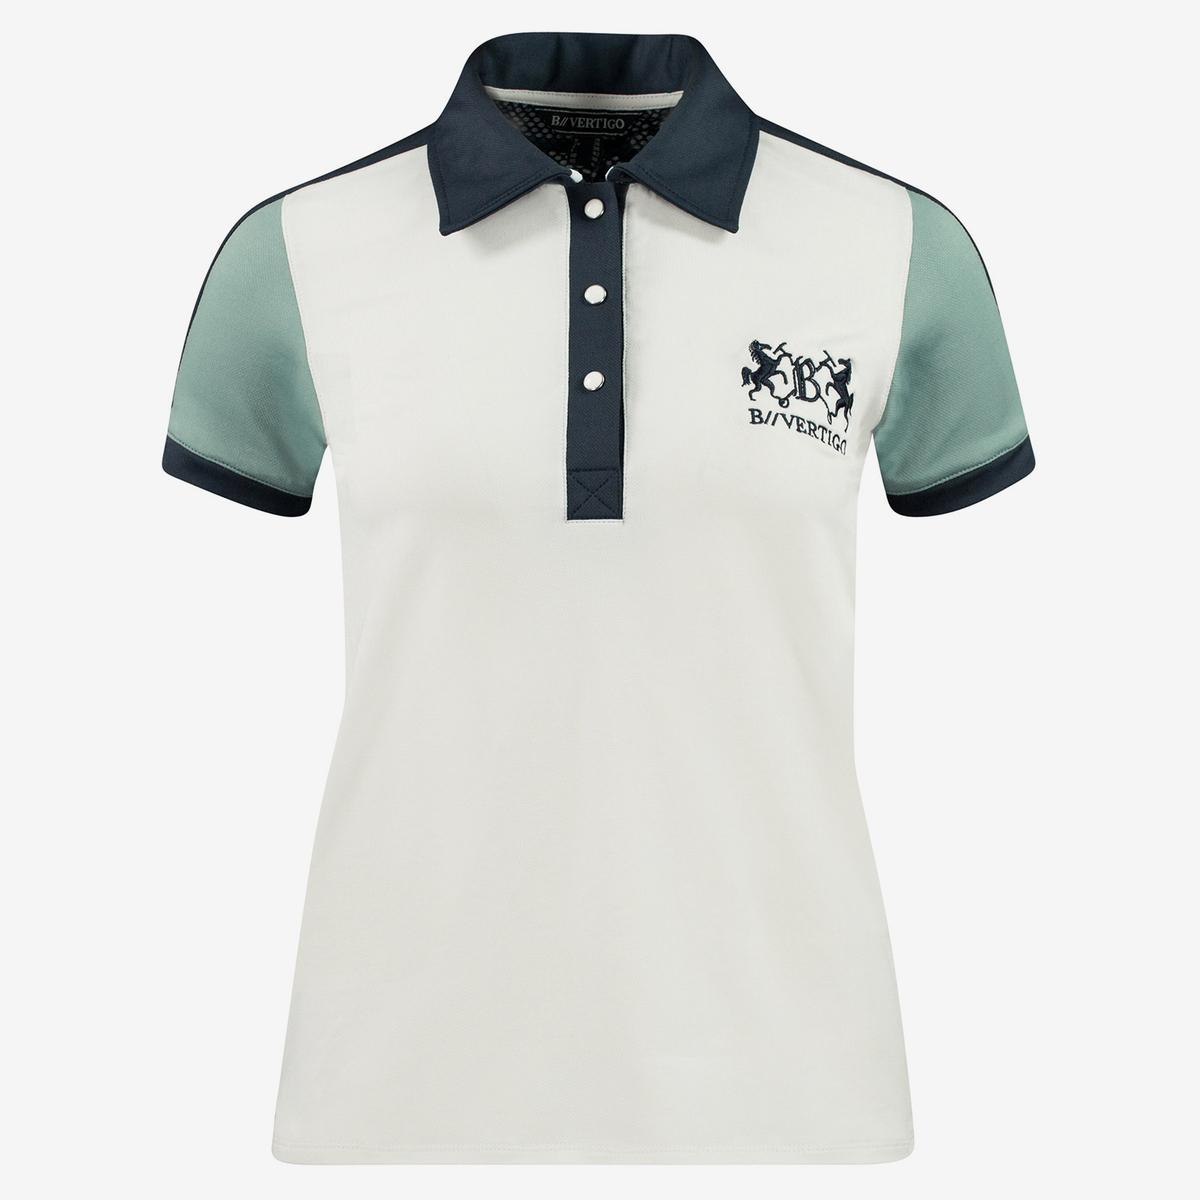 B Vertigo Cassandra Womens Polo Shirt Horze